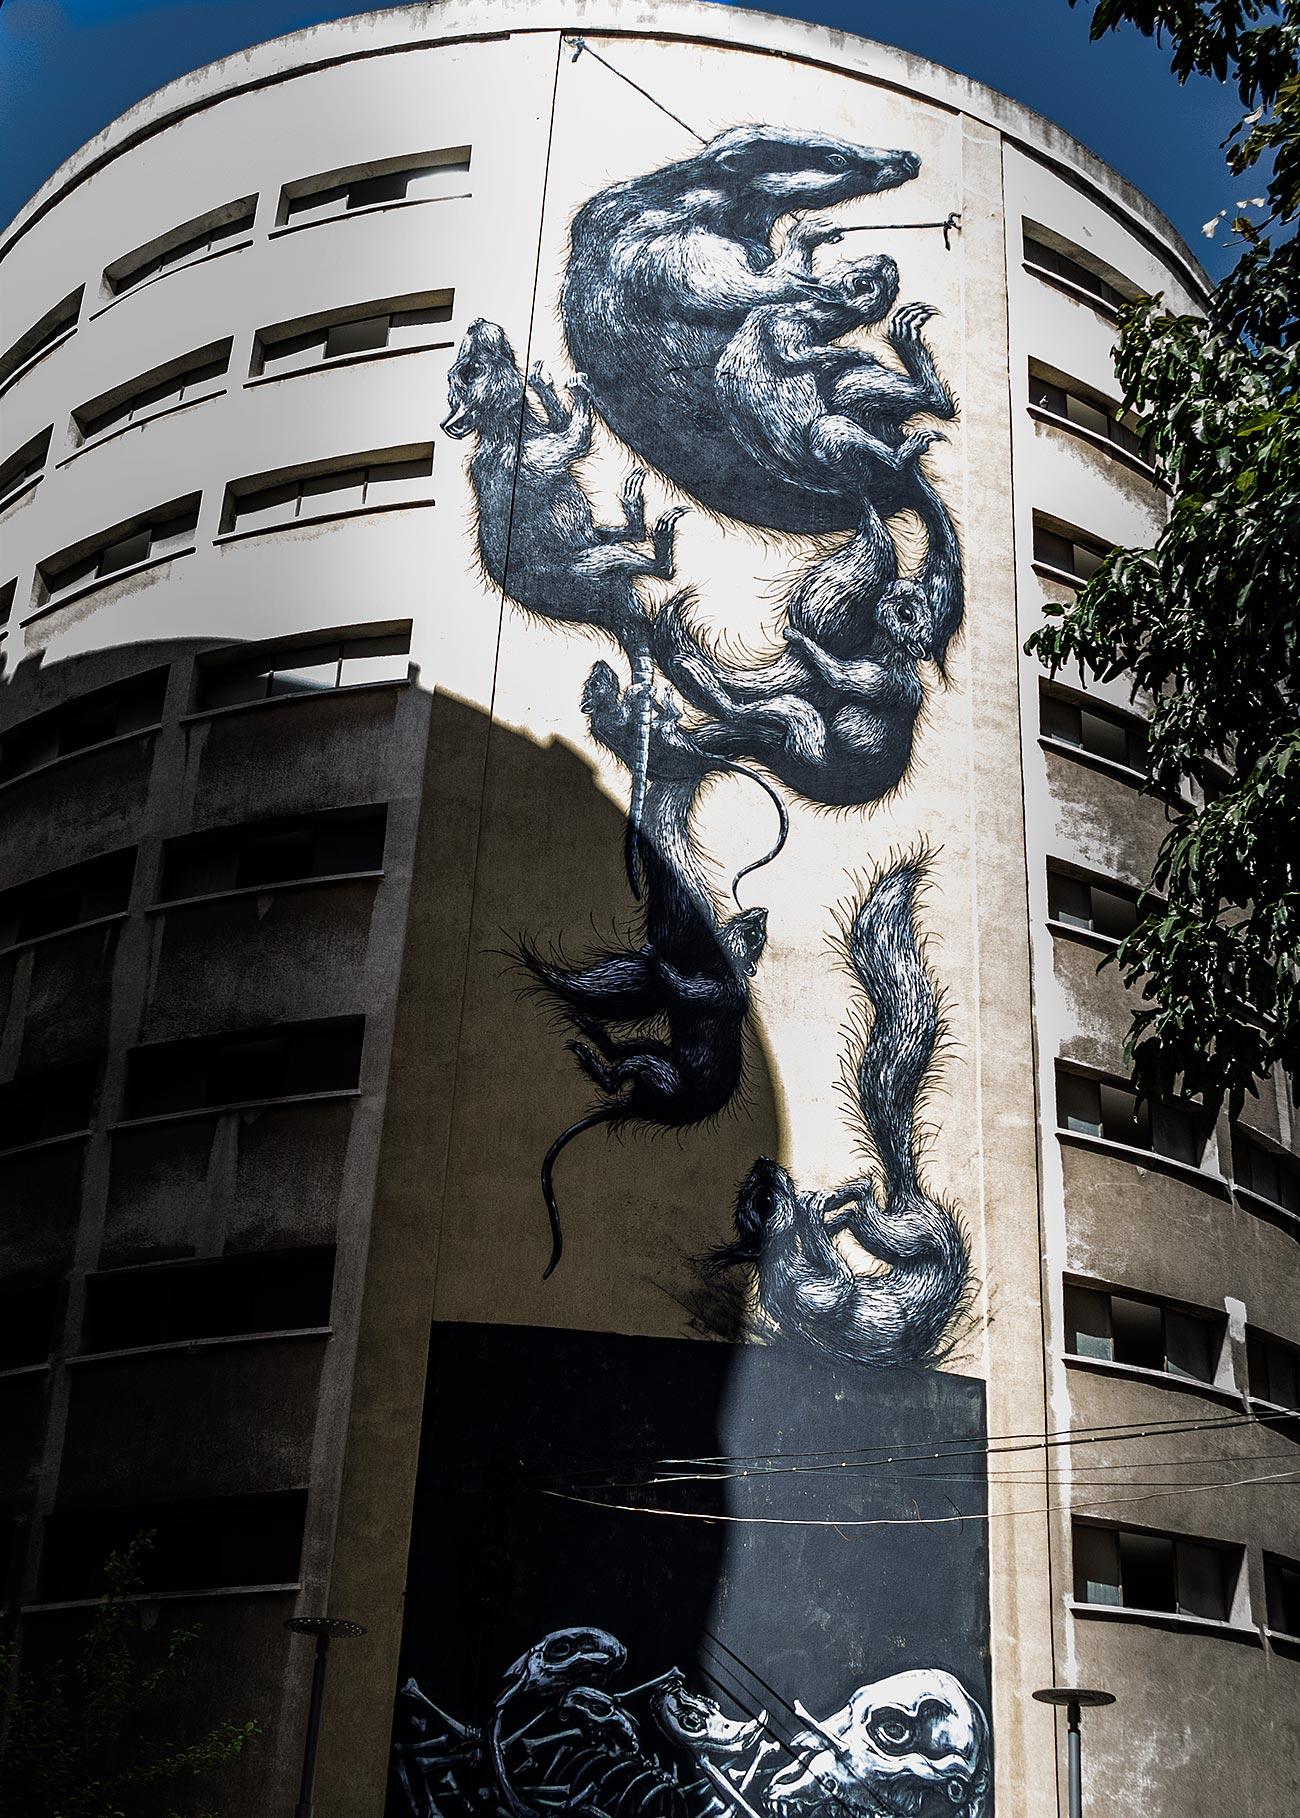 Den belgiske kunstner ROAs rotter bryder en hjørnet af en husfacade i Málaga.